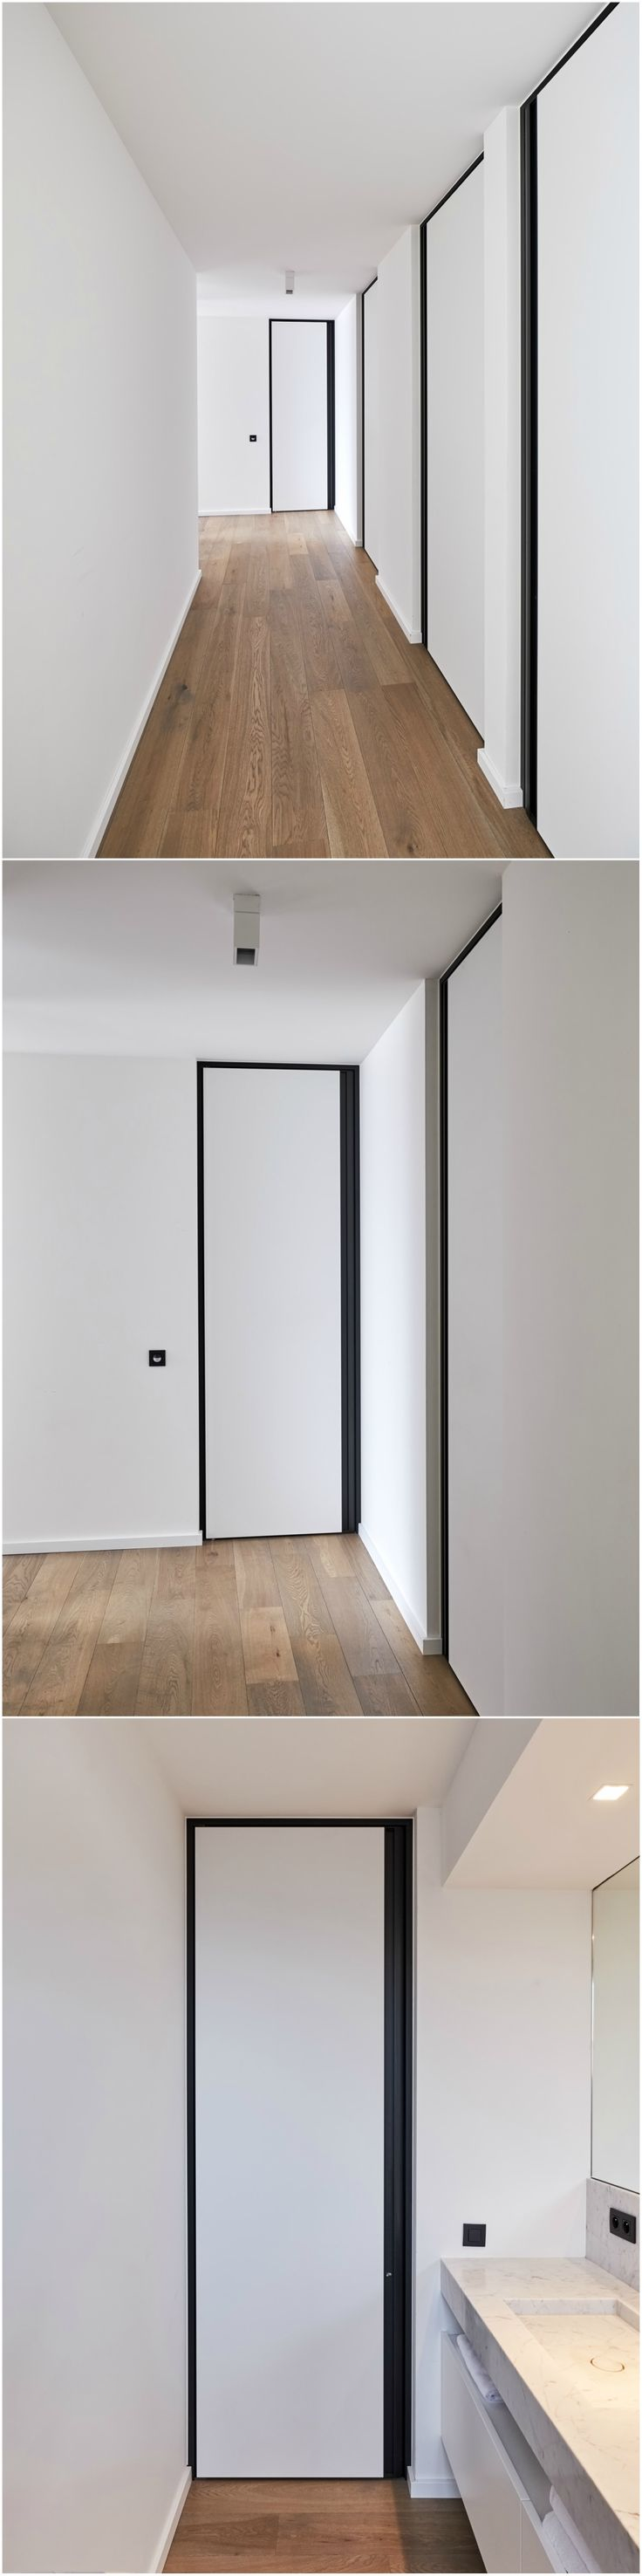 Moderne binnendeuren van vloer tot plafond met zwarte omlijstingen en zwarte verticale handgrepen, die volledig vlak met de deur ingewerkt zijn.